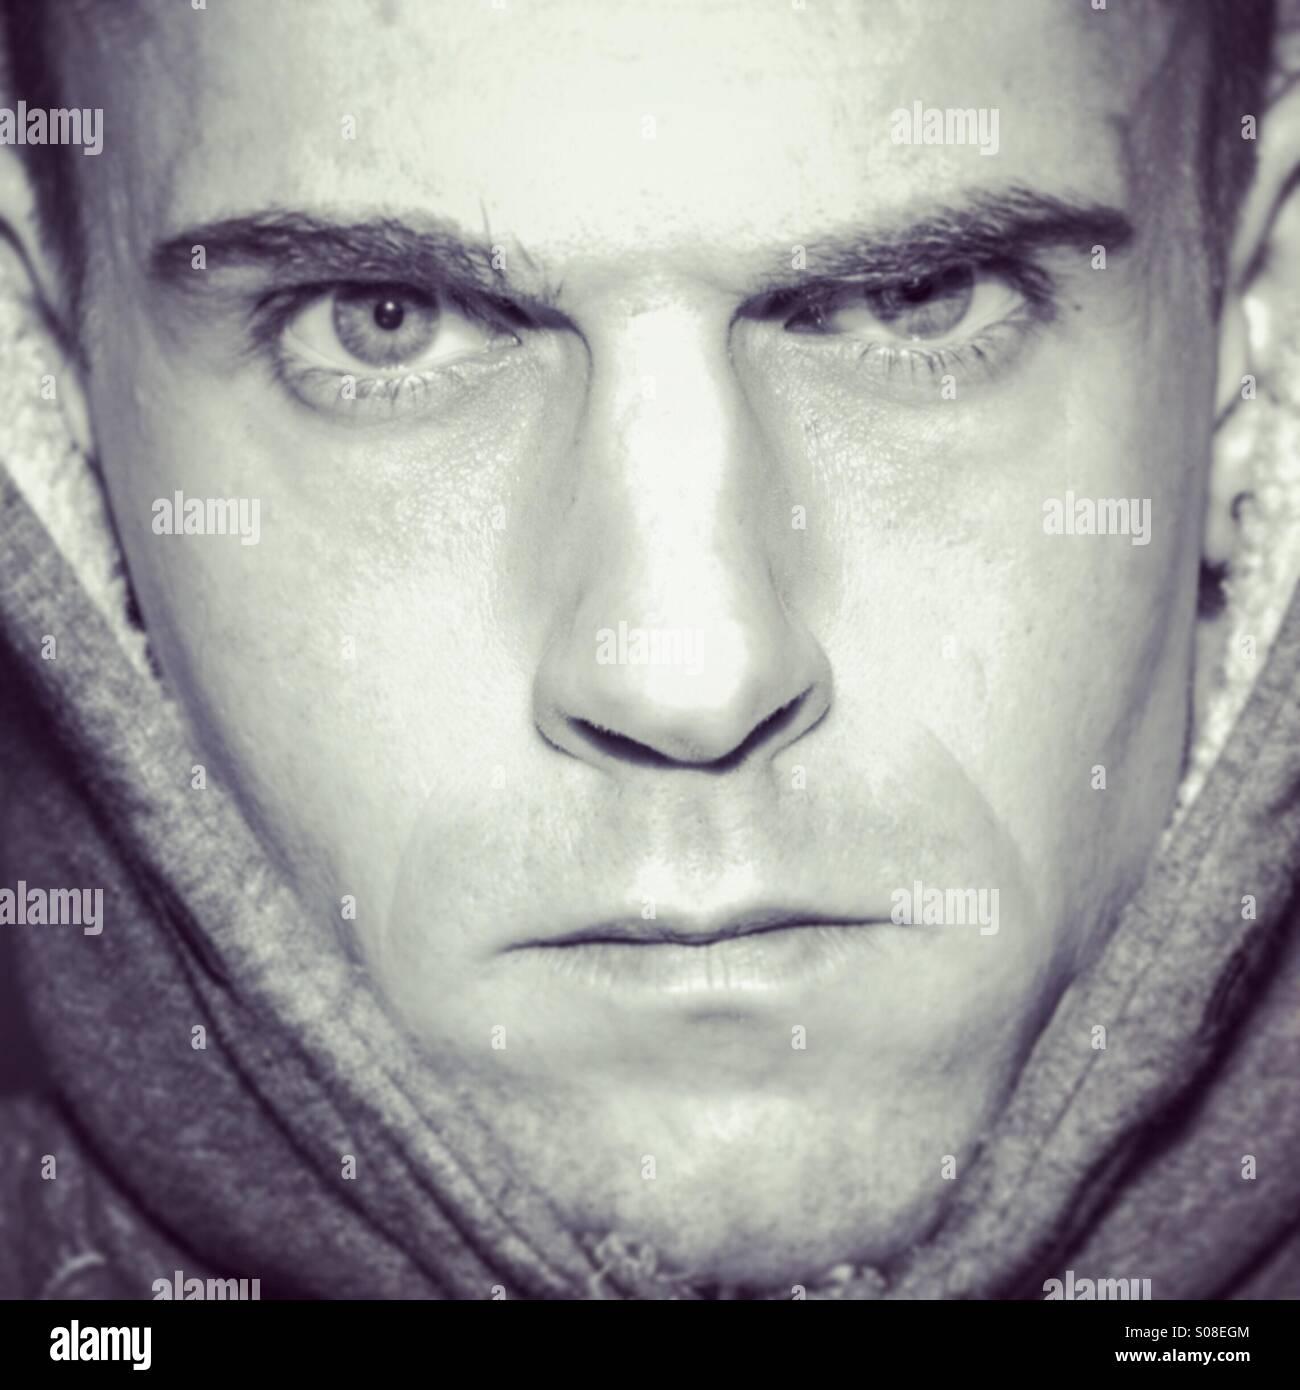 Unglücklich launisch männlichen Porträt, Gesicht füllen der Rahmen Stockbild